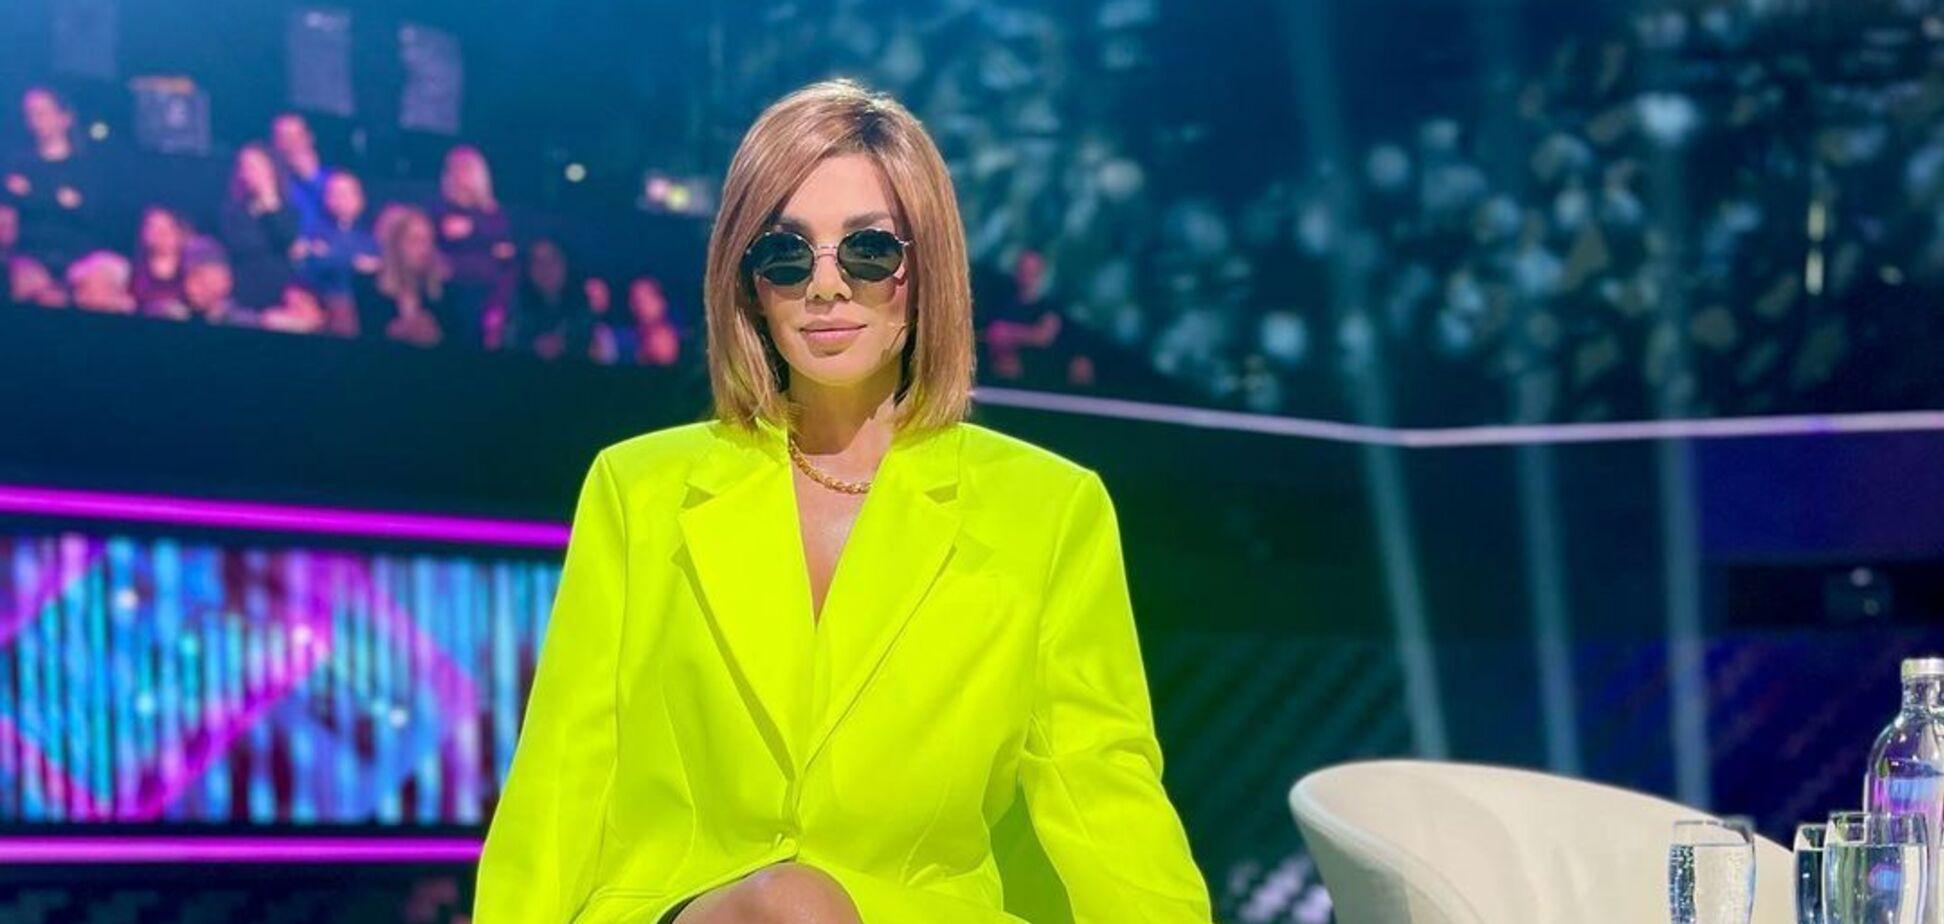 Седокова презентовала песню